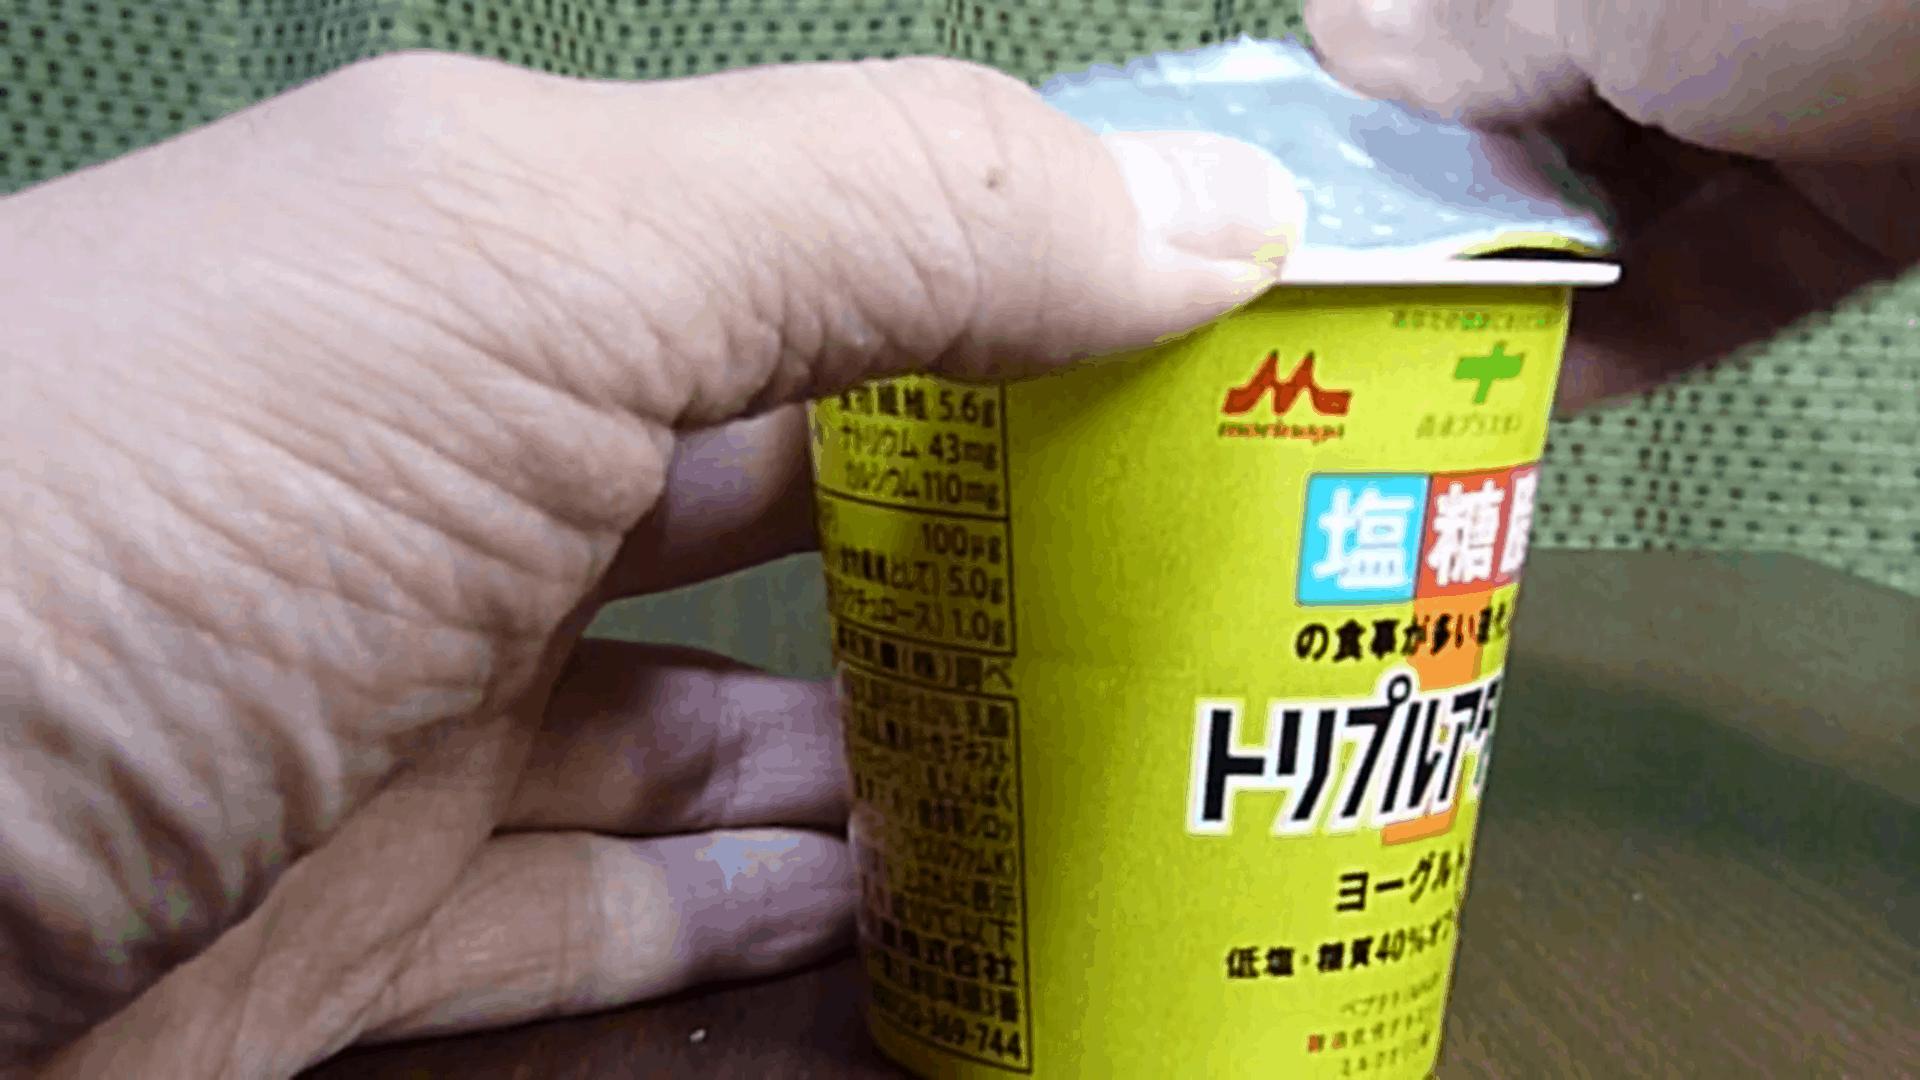 แพ็กเกจจิ้งญี่ปุ่น ทำฝาถ้วยโยเกิร์ตให้ไม่ติดฝาตอนเปิดออก